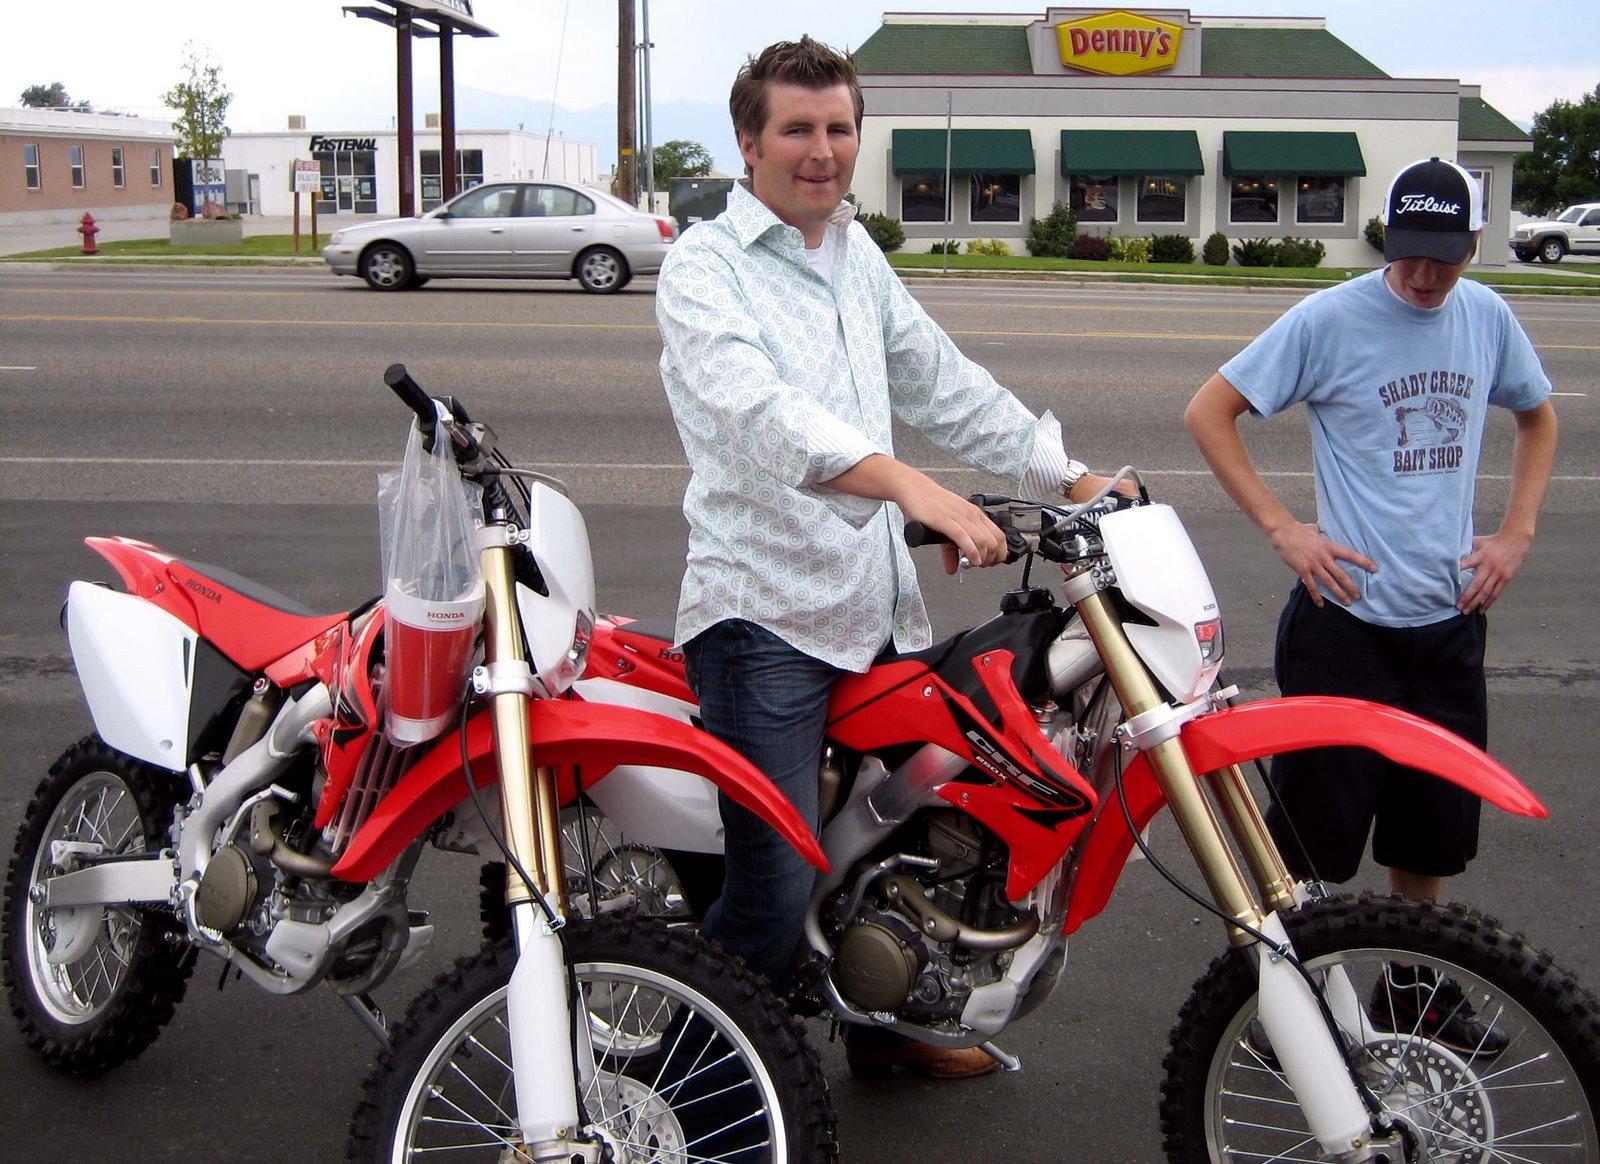 [John+&+Sam+new+bikes]